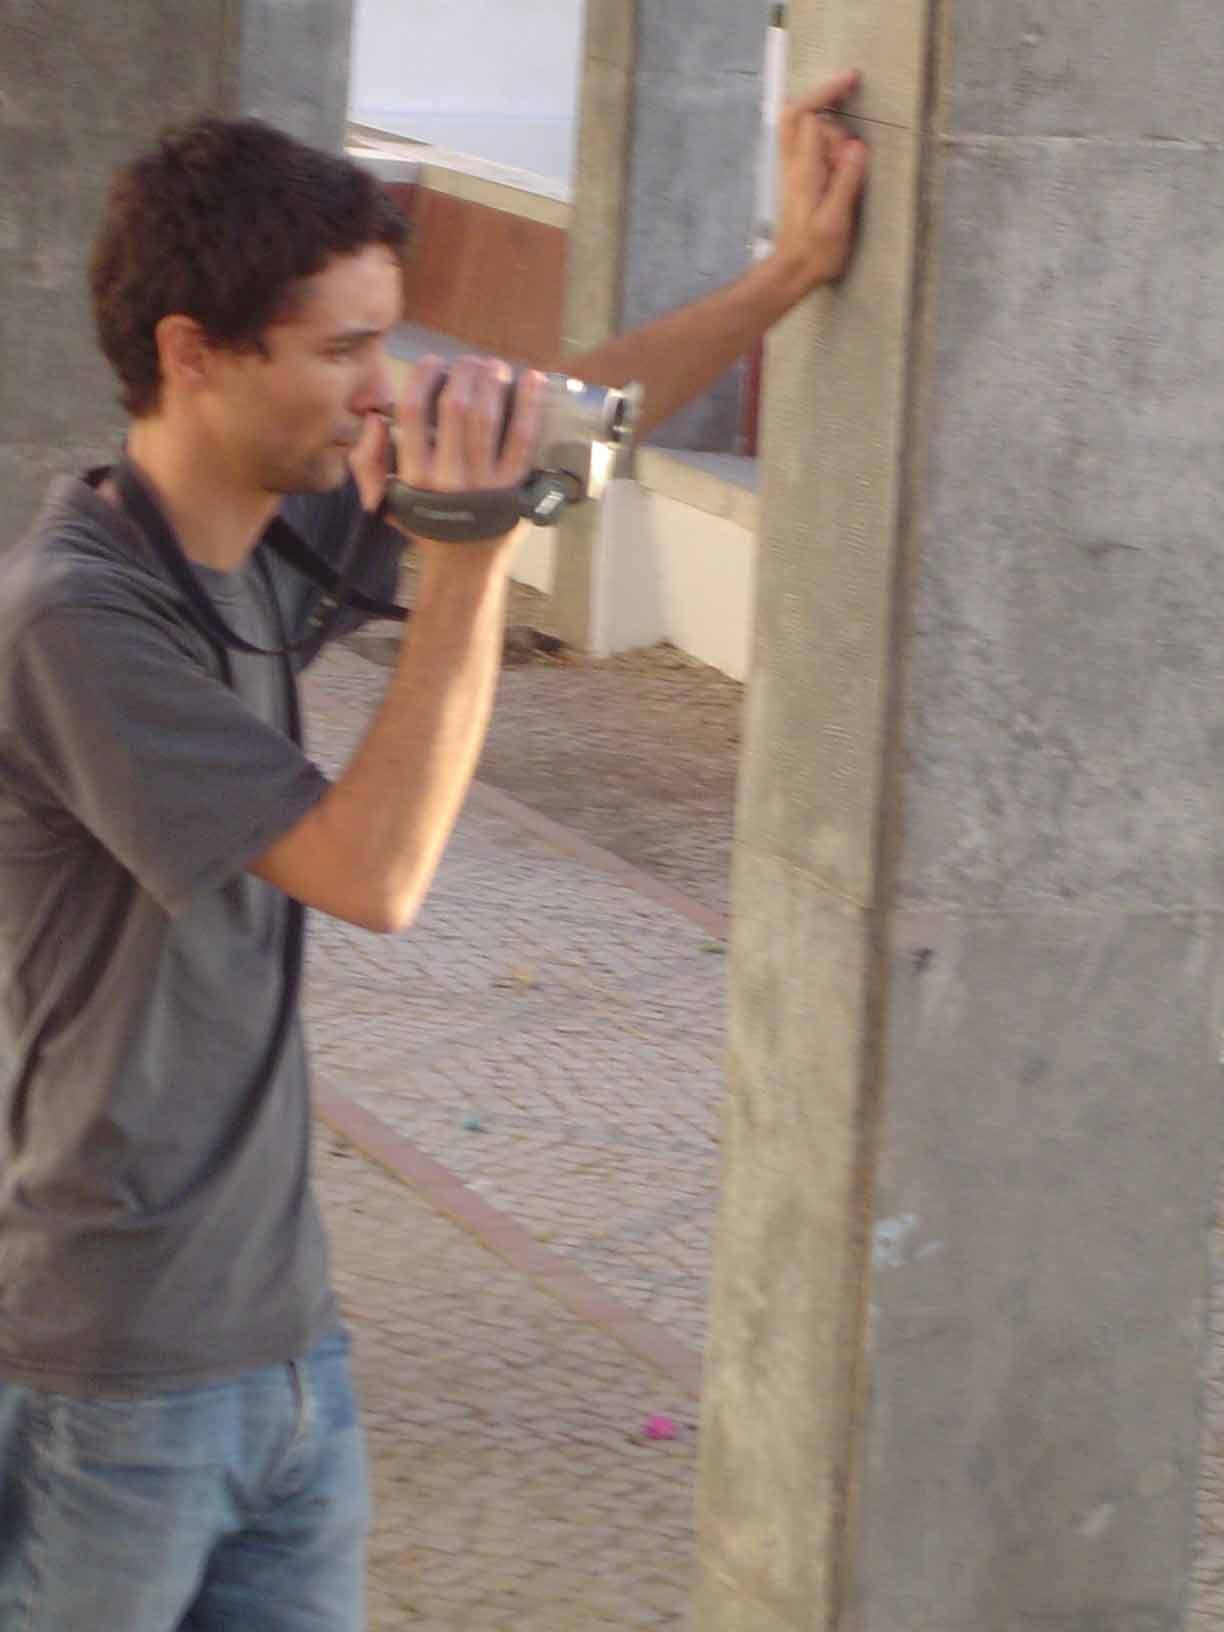 eduardo_ascensao.jpg